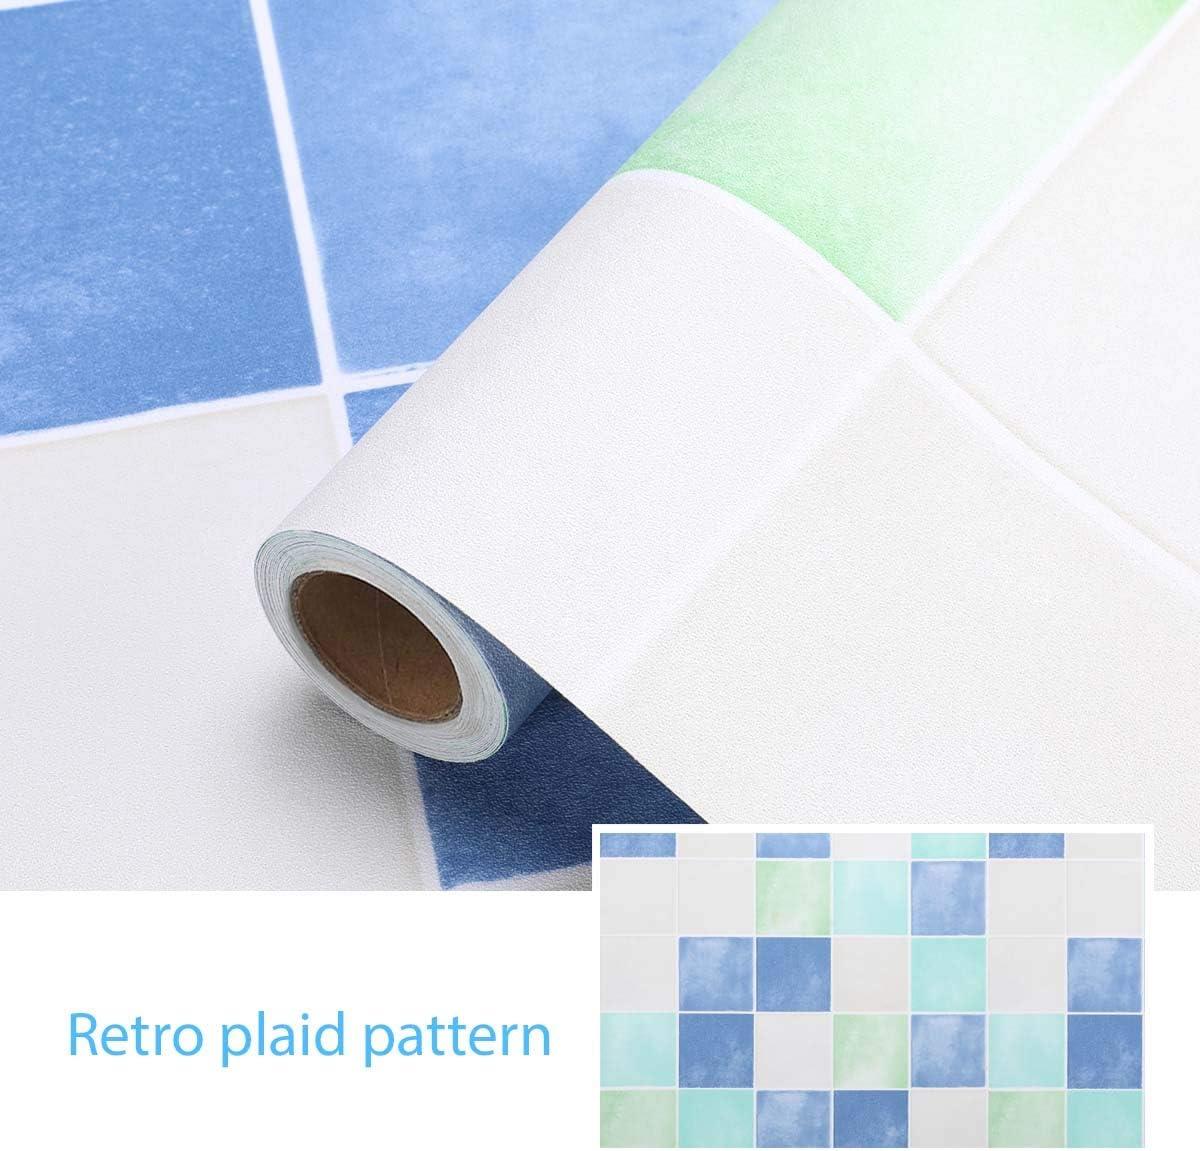 5M iKINLO K/üchenr/ückwand Folie Selbstklebende Fliese Klebefolie Tile Style Folie PVC Tapete Fliesenaufkleber f/ür K/üchen B/ädern Wand Dekorfolie 0.61